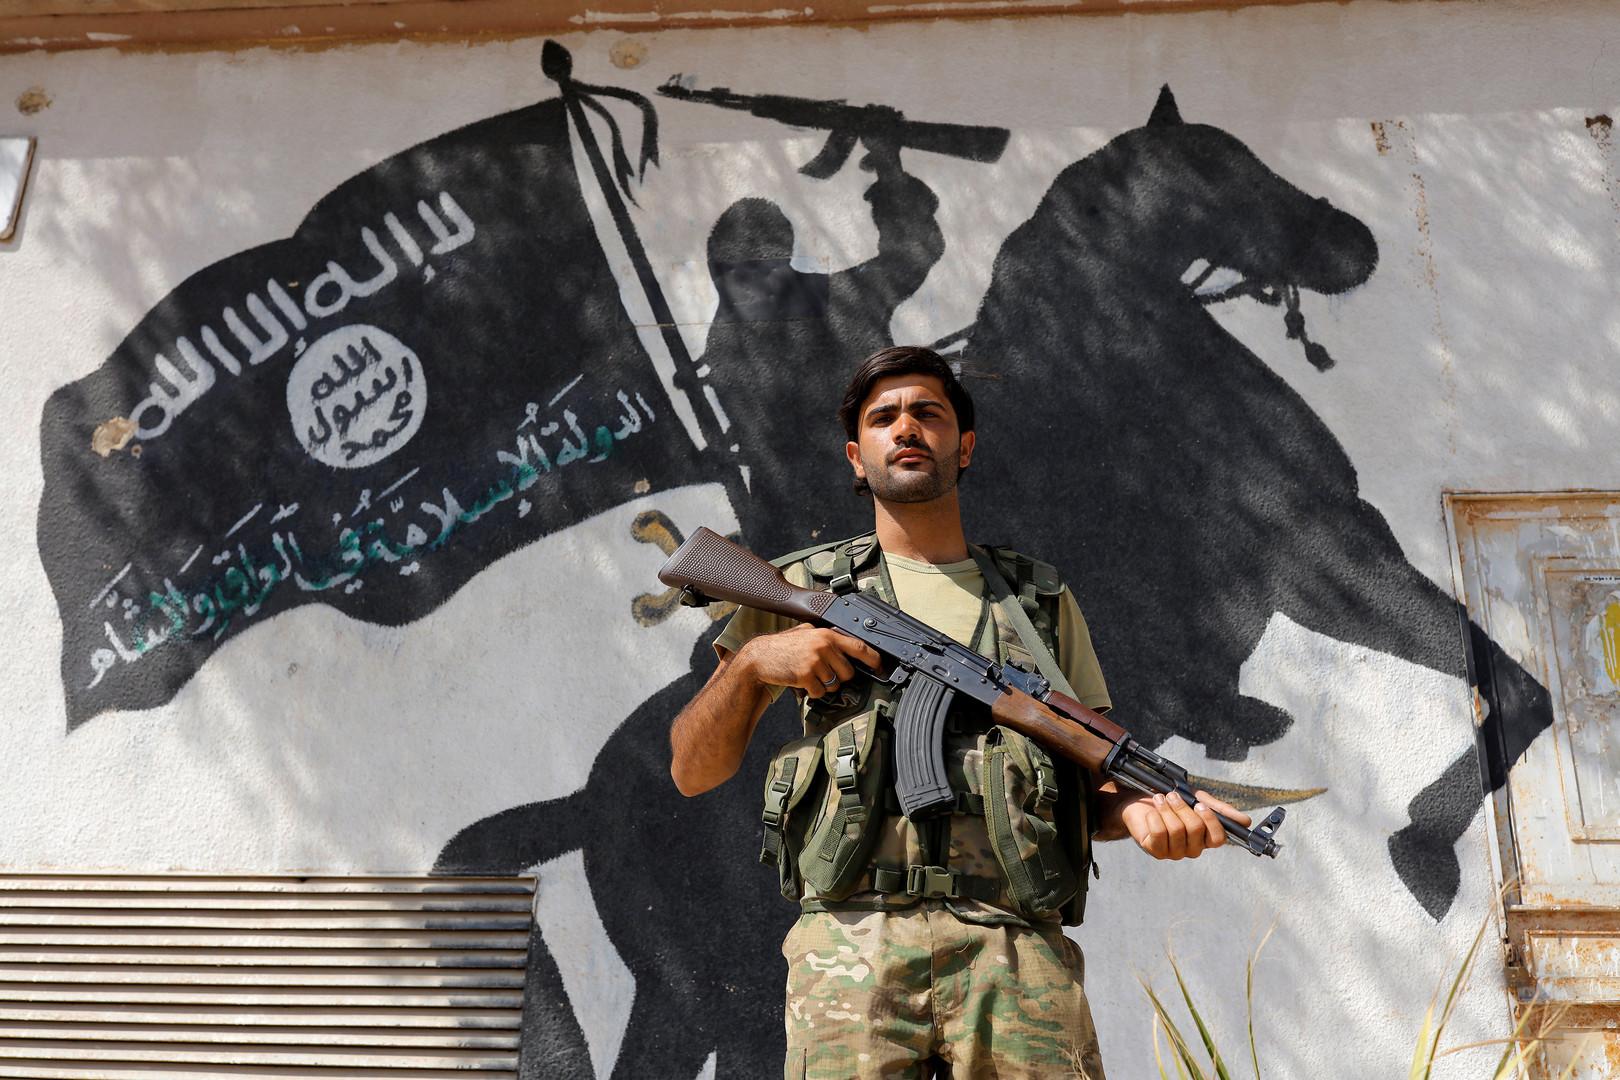 Österreich: Lebenslange Haft für syrischen FSA-Kämpfer wegen 20-fachen Mordes an Regierungssoldaten